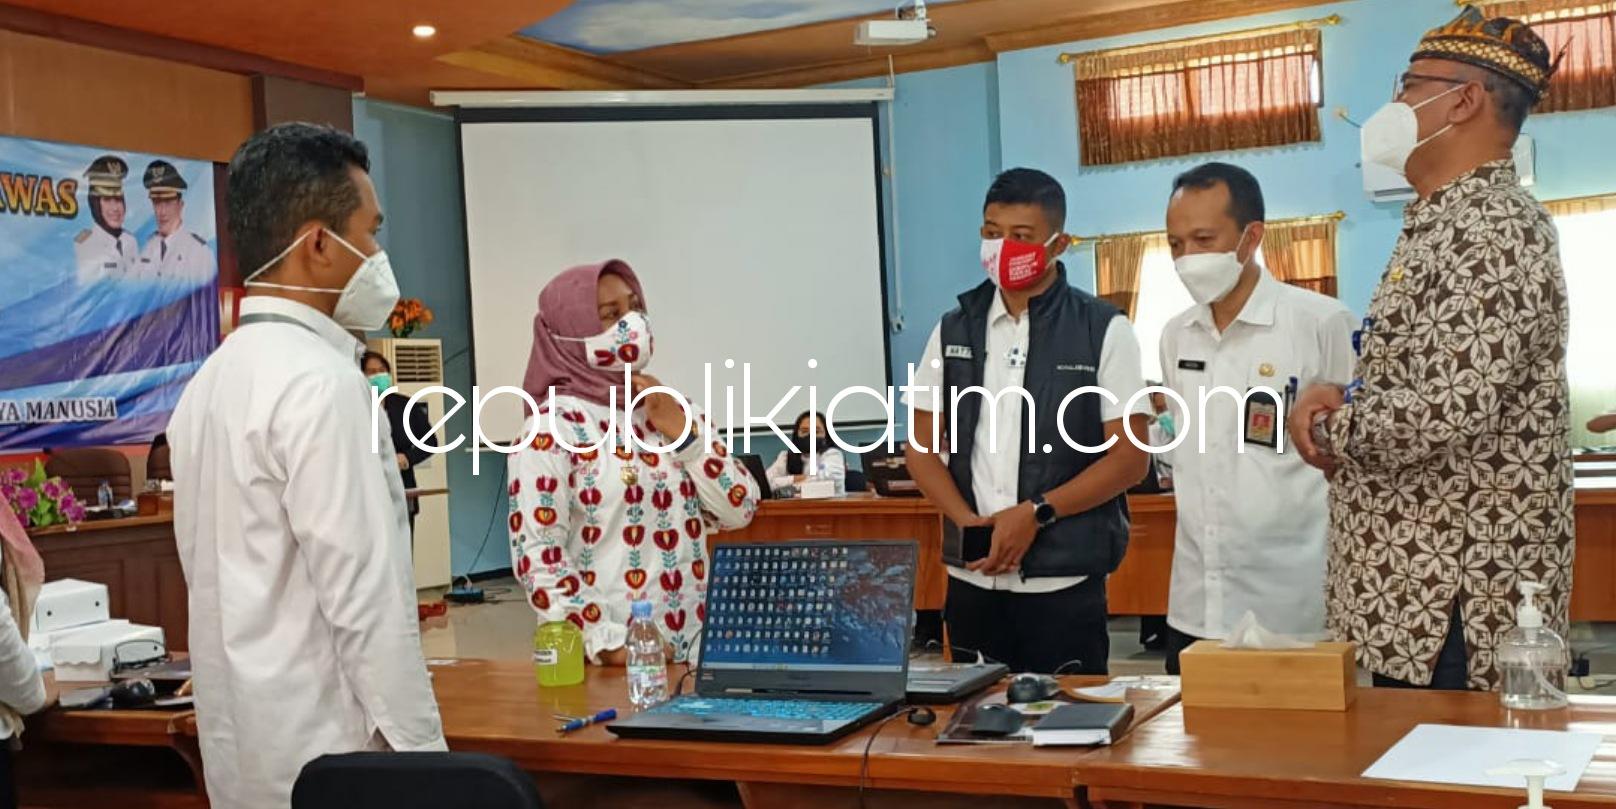 Diikuti 268 Pejabat, BKPSDM Pemkot Mojokerto Gelar Assesment Pejabat Eselon 4